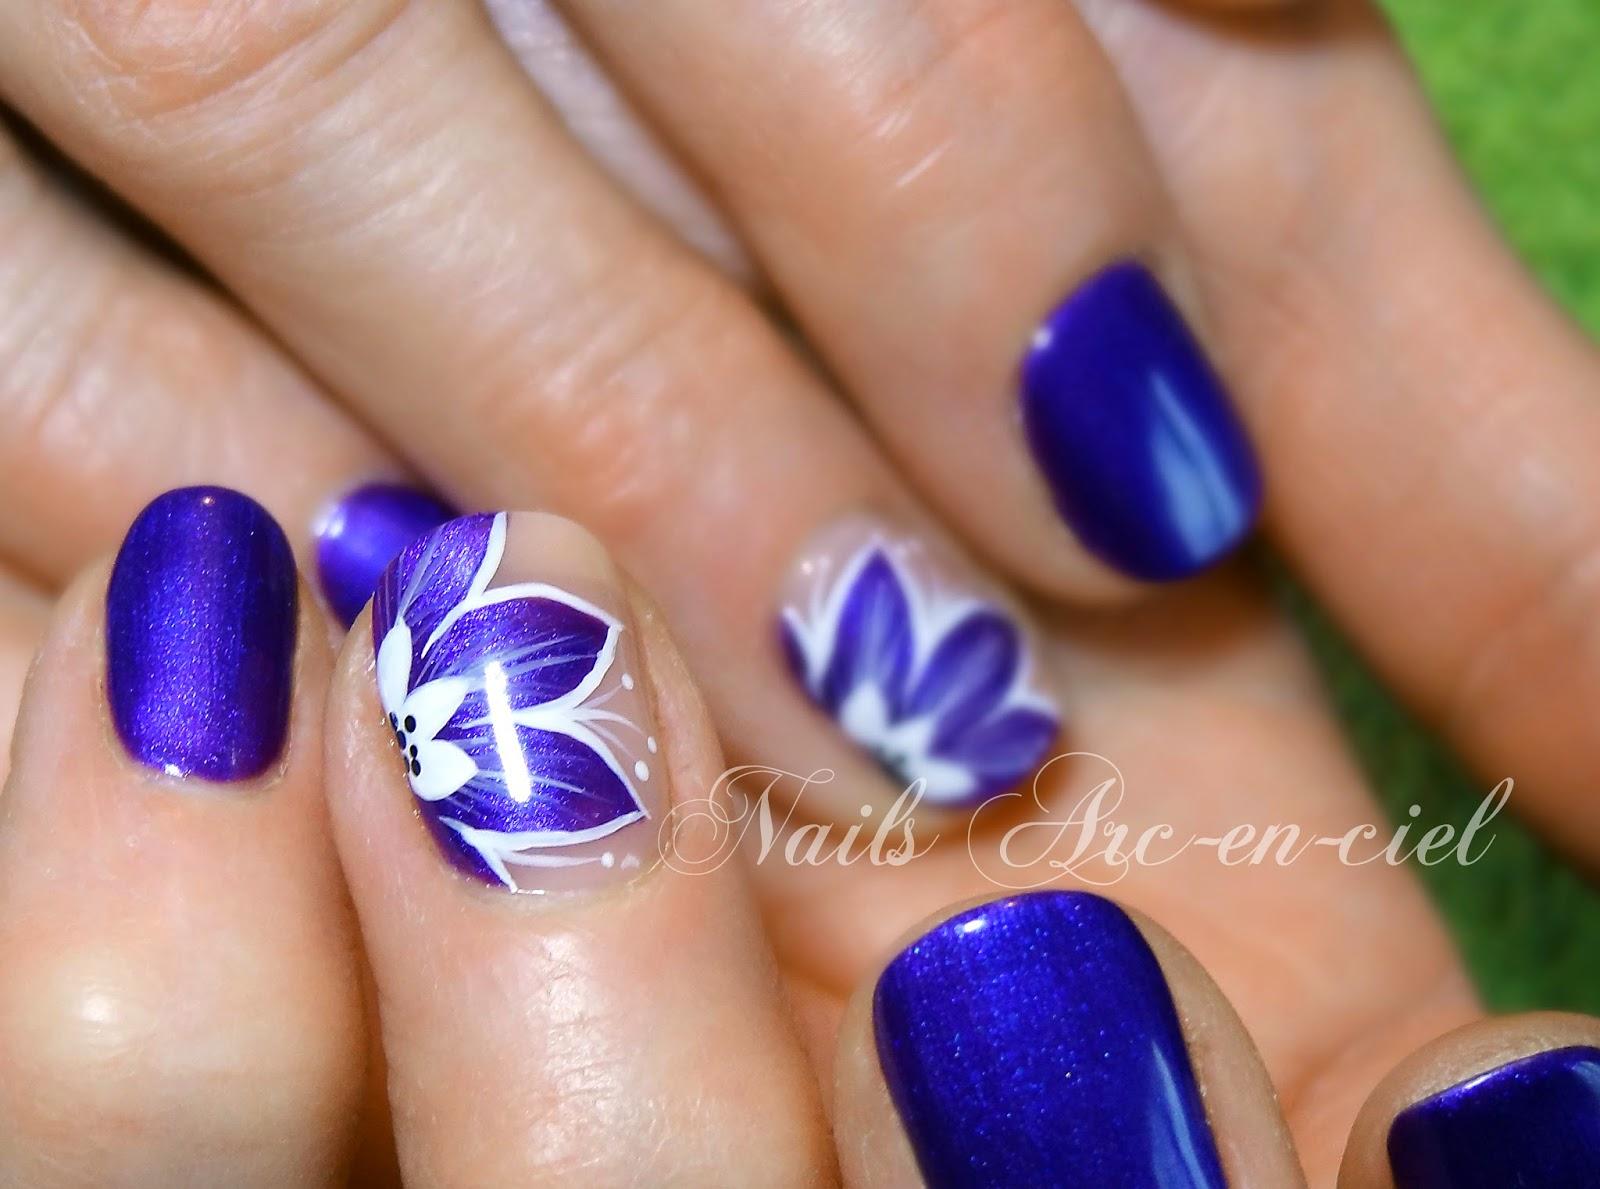 Bekannt Nails Arc-en-ciel: Fleur en vernis semi-permanent KH74